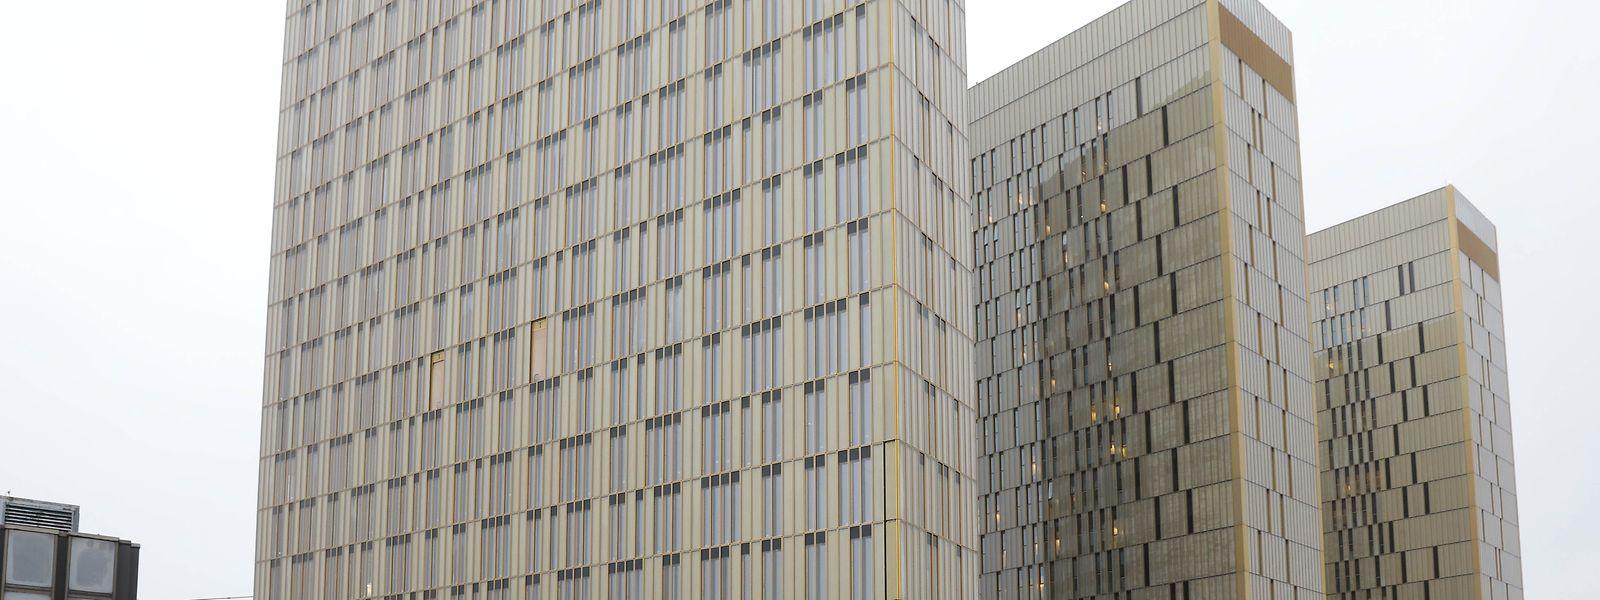 Viele EU-Institutionen, wie etwa der Gerichtshof der Europäischen Union, sind bereits in Luxemburg angesiedelt. Nun kommt auch die Europäische Staatsanwaltschaft im November 2020 dazu.